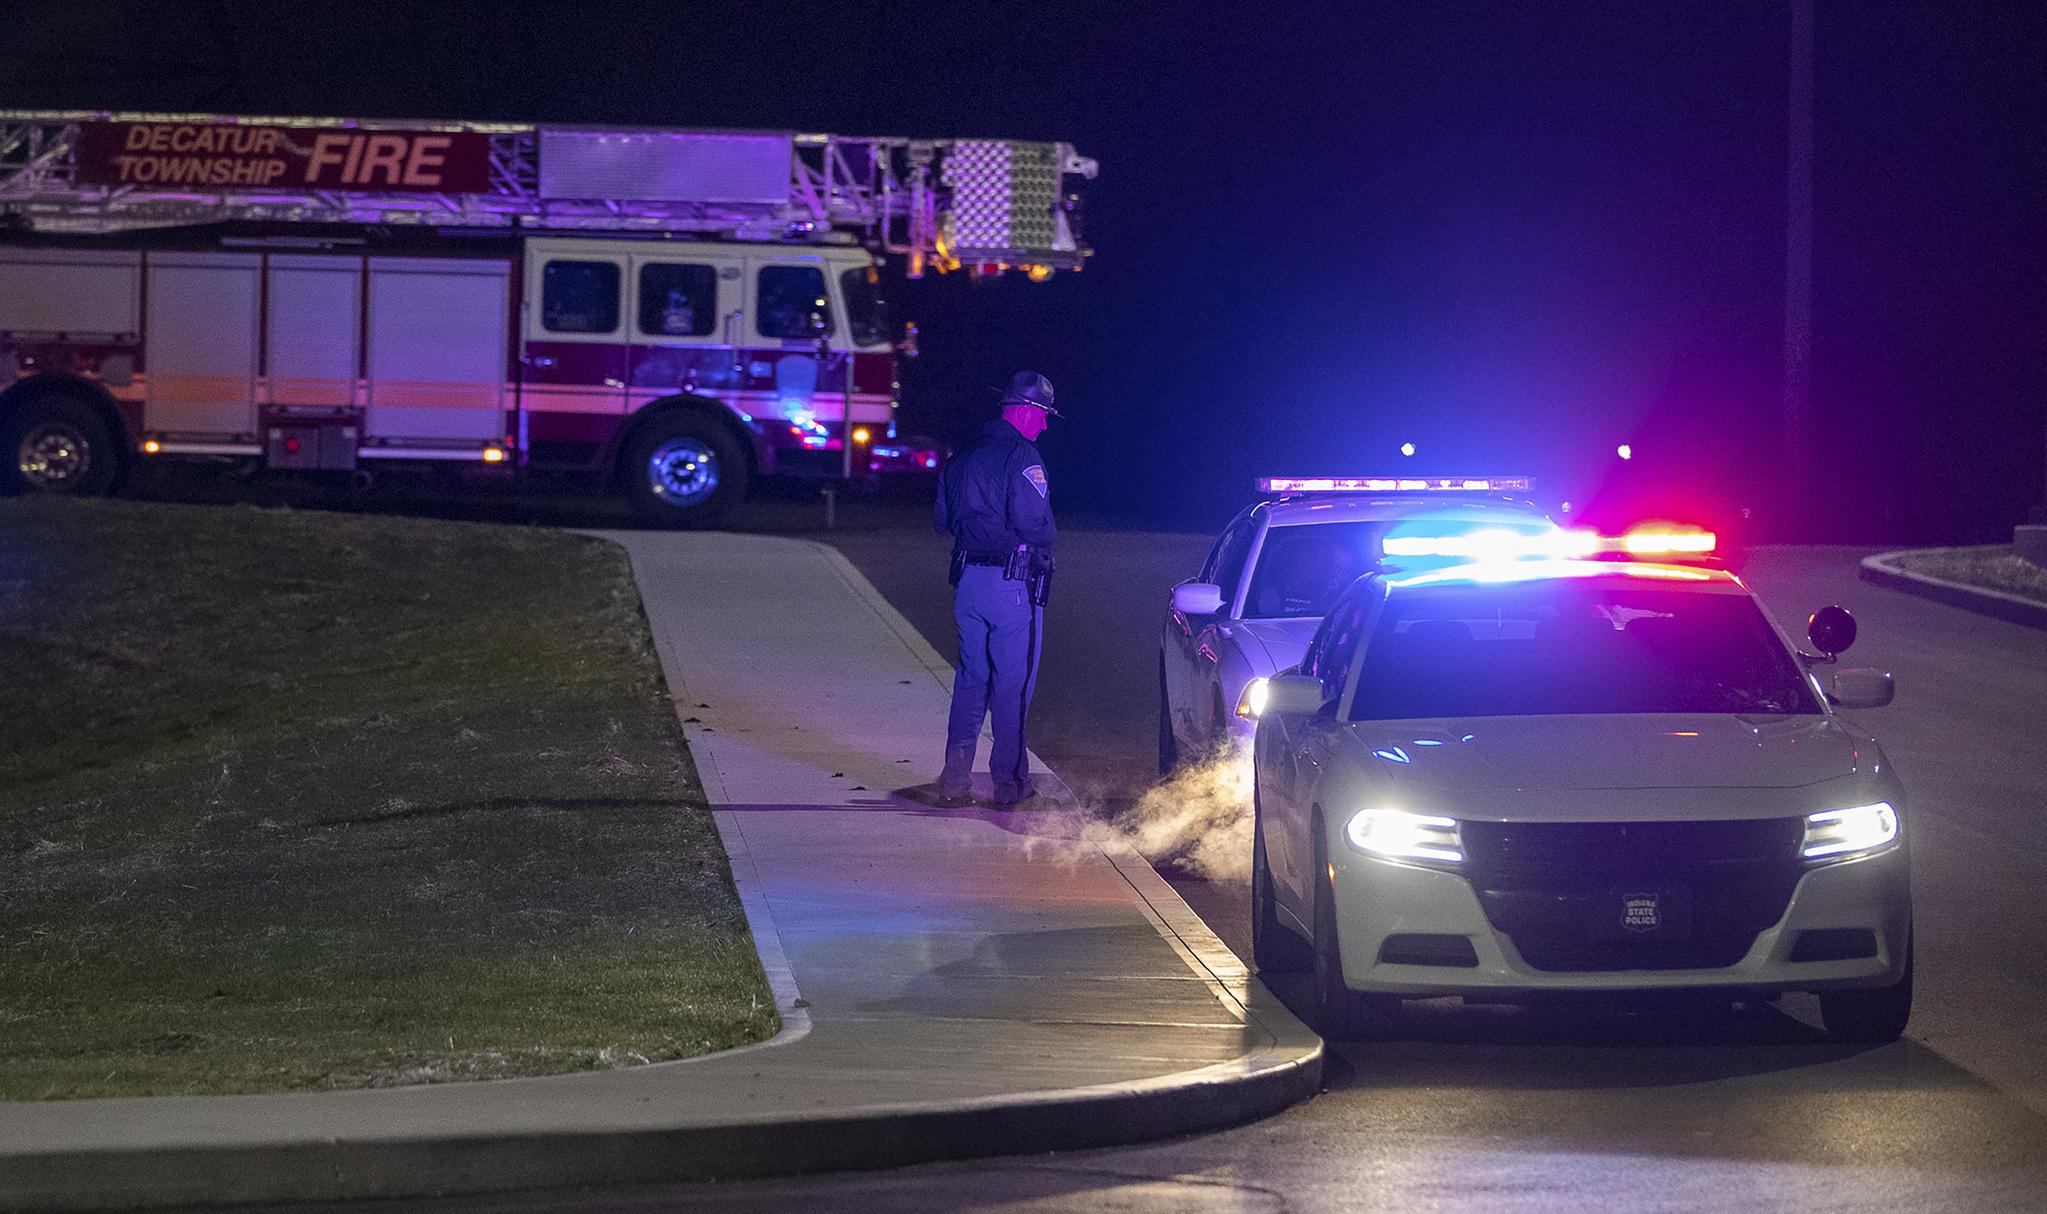 미국 인디애나폴리스 페덱스 창고에서 15일(현지시간) 총격 사건이 발생해 최소 8명이 숨졌다. AP=연합뉴스